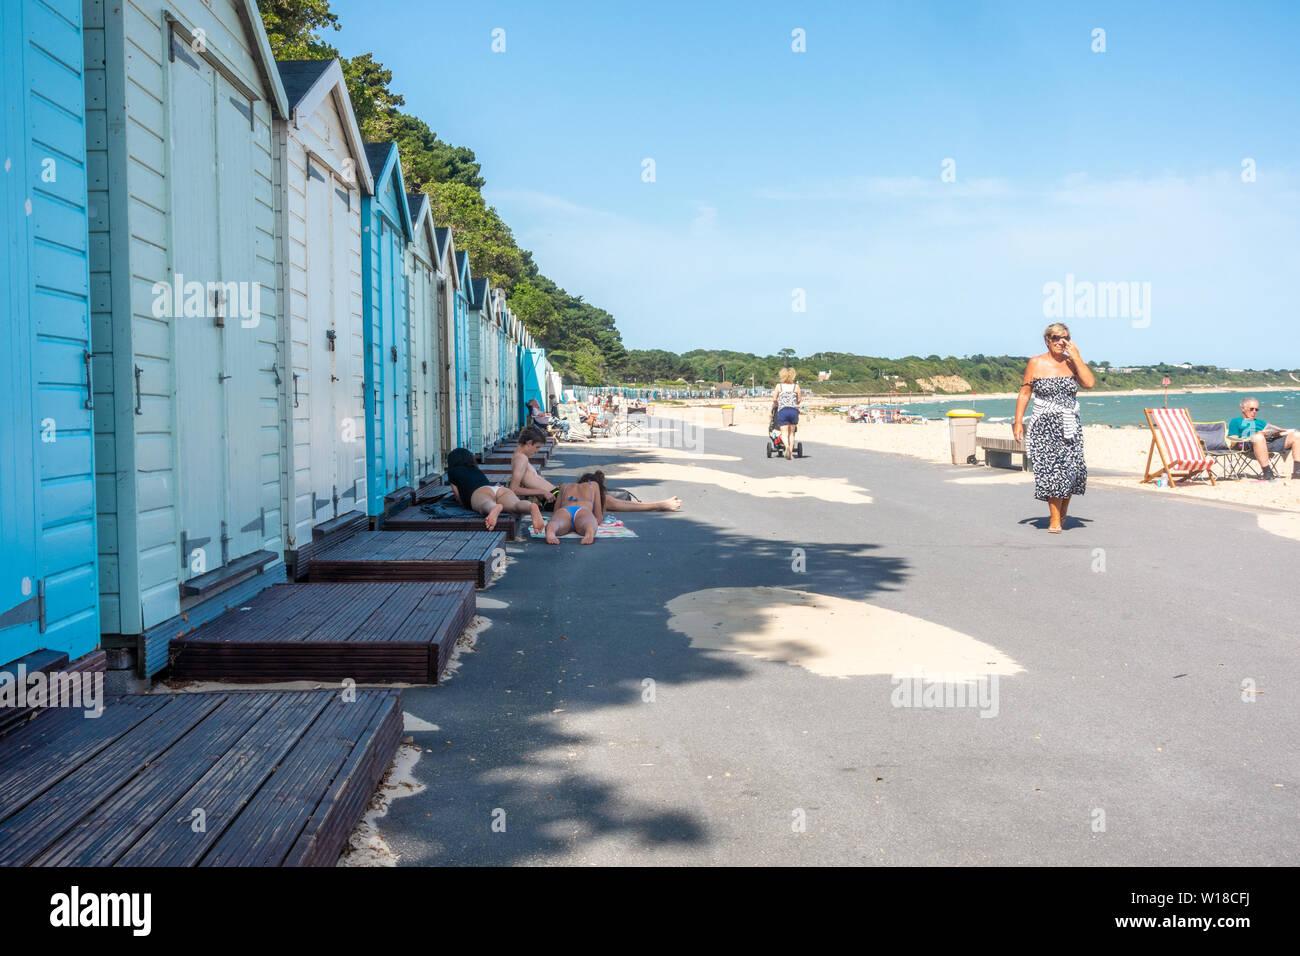 Fila de cabañas de playa en diferentes tonos azules pastel corren a lo largo de la parte superior de Avon Beach en Mudeford, Christchurch en Dorset, Reino Unido. Una playa de guijarros. Foto de stock